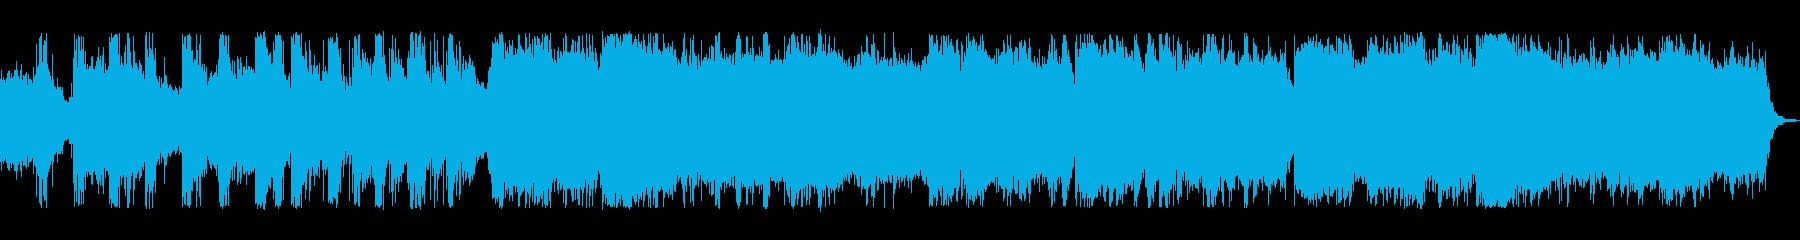 動画 技術的な 感情的 説明的 お...の再生済みの波形